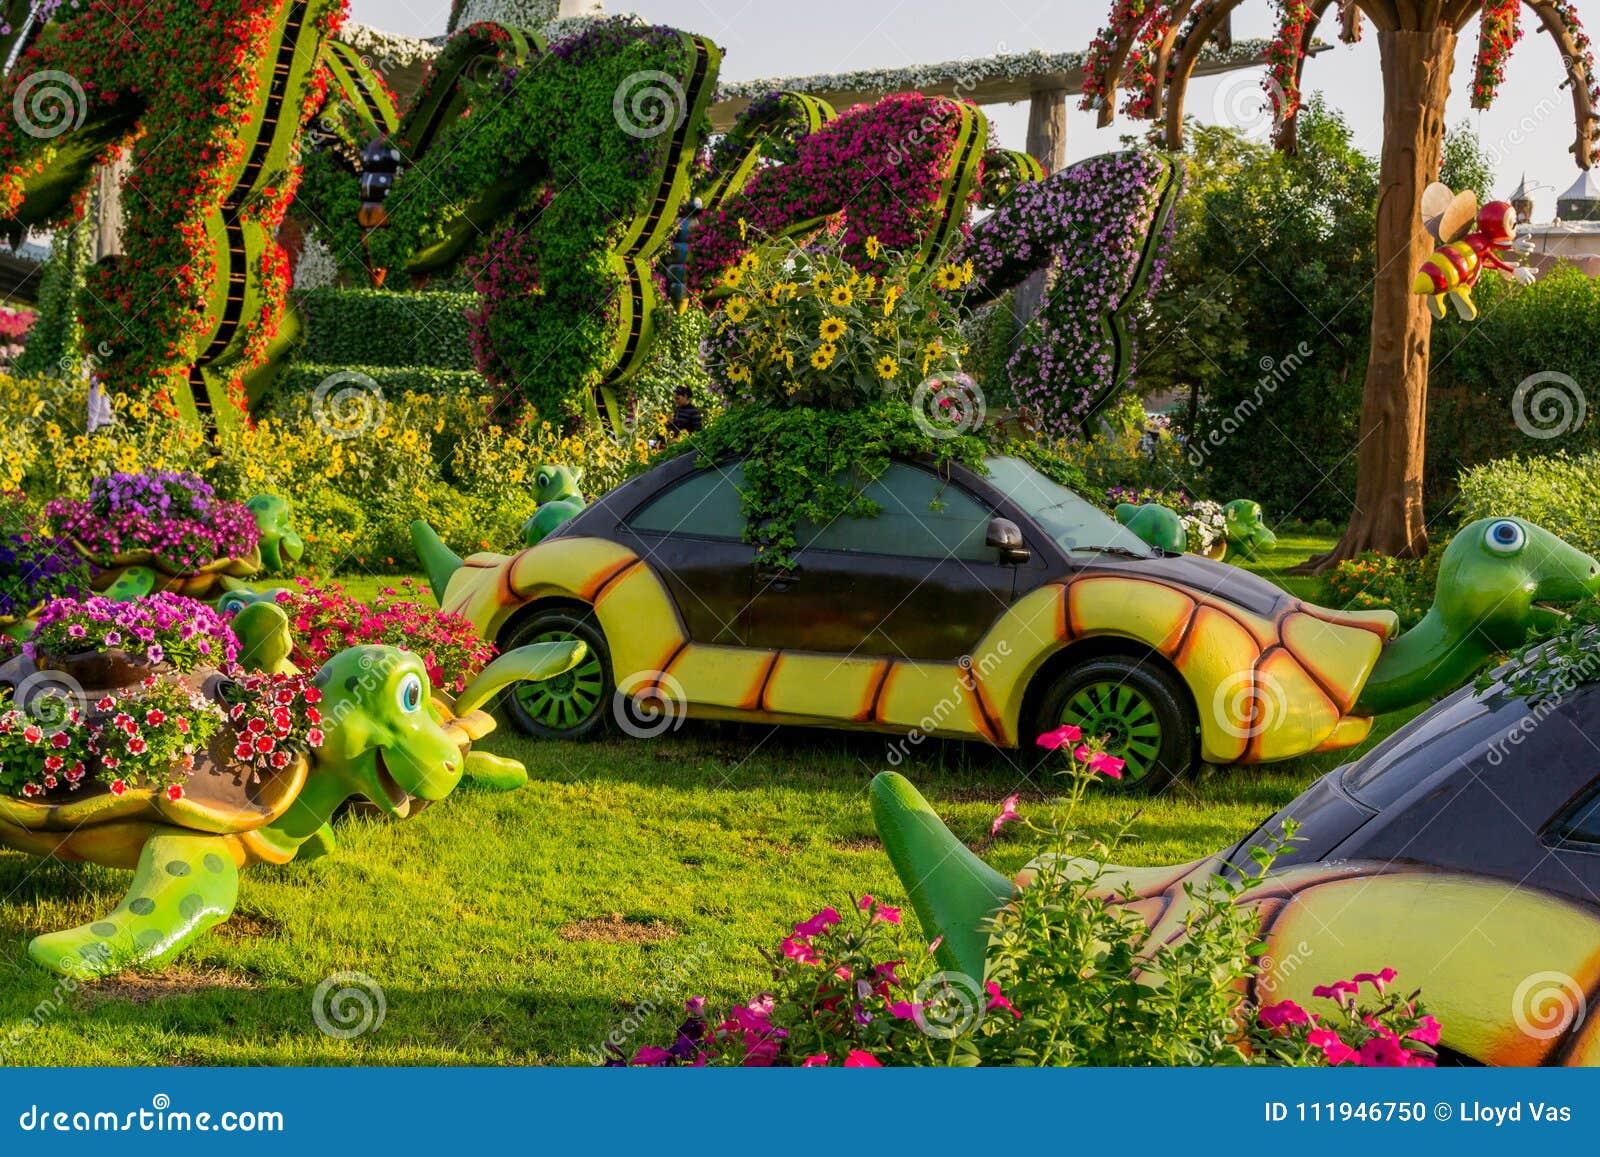 Dubai, 17. November 2017 - Garten des Wunder-UAE in Dubai UAE